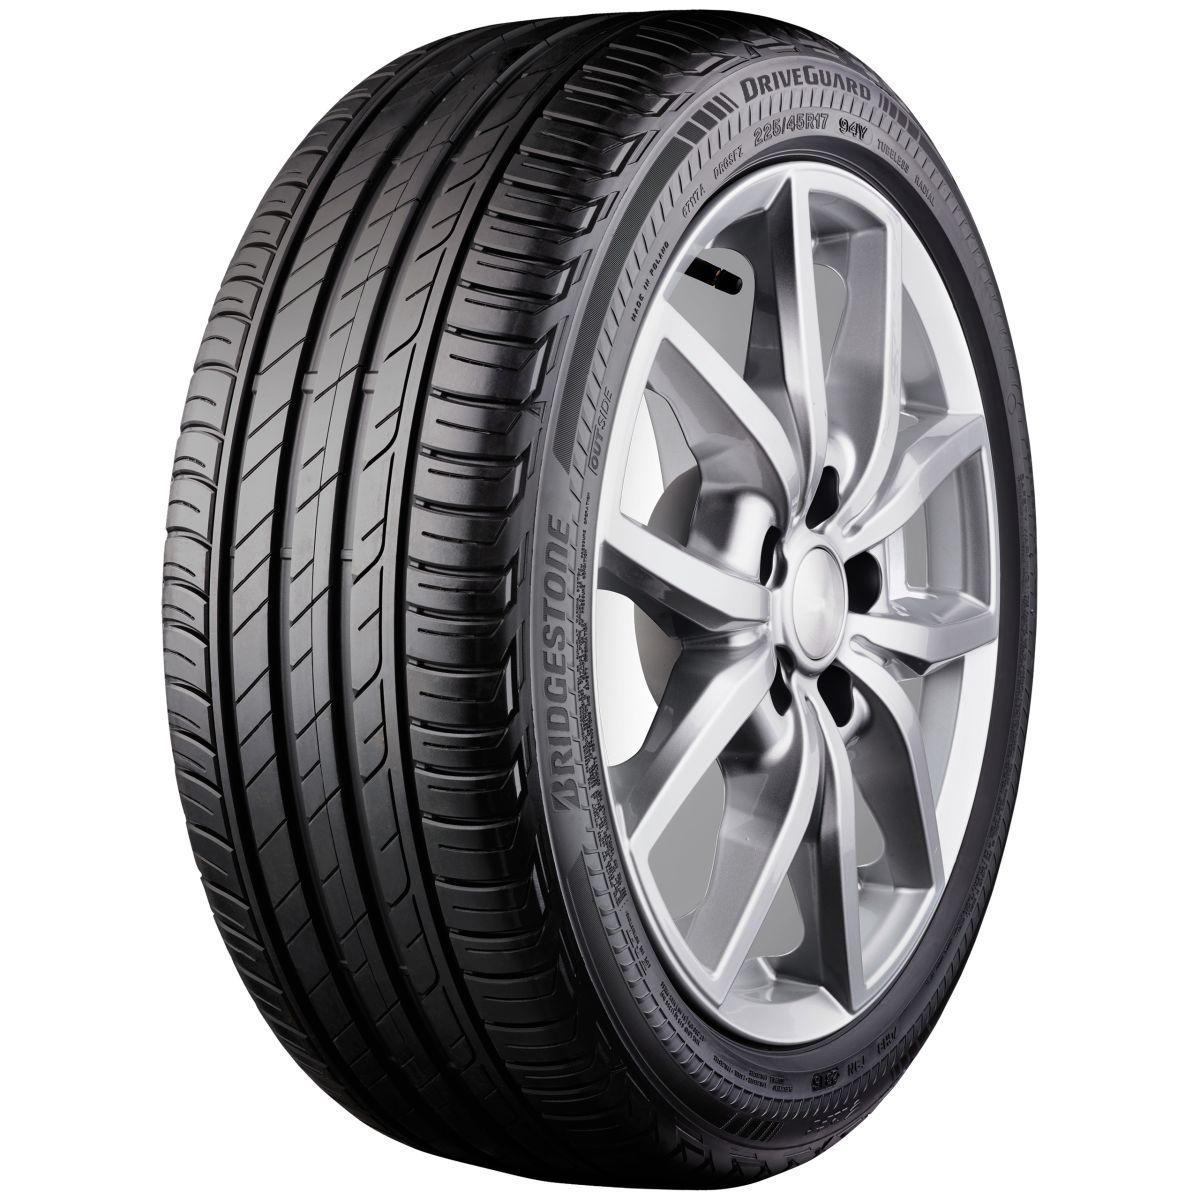 BRIDGESTONE Driveguard 225/50 R17 98Y XL FR